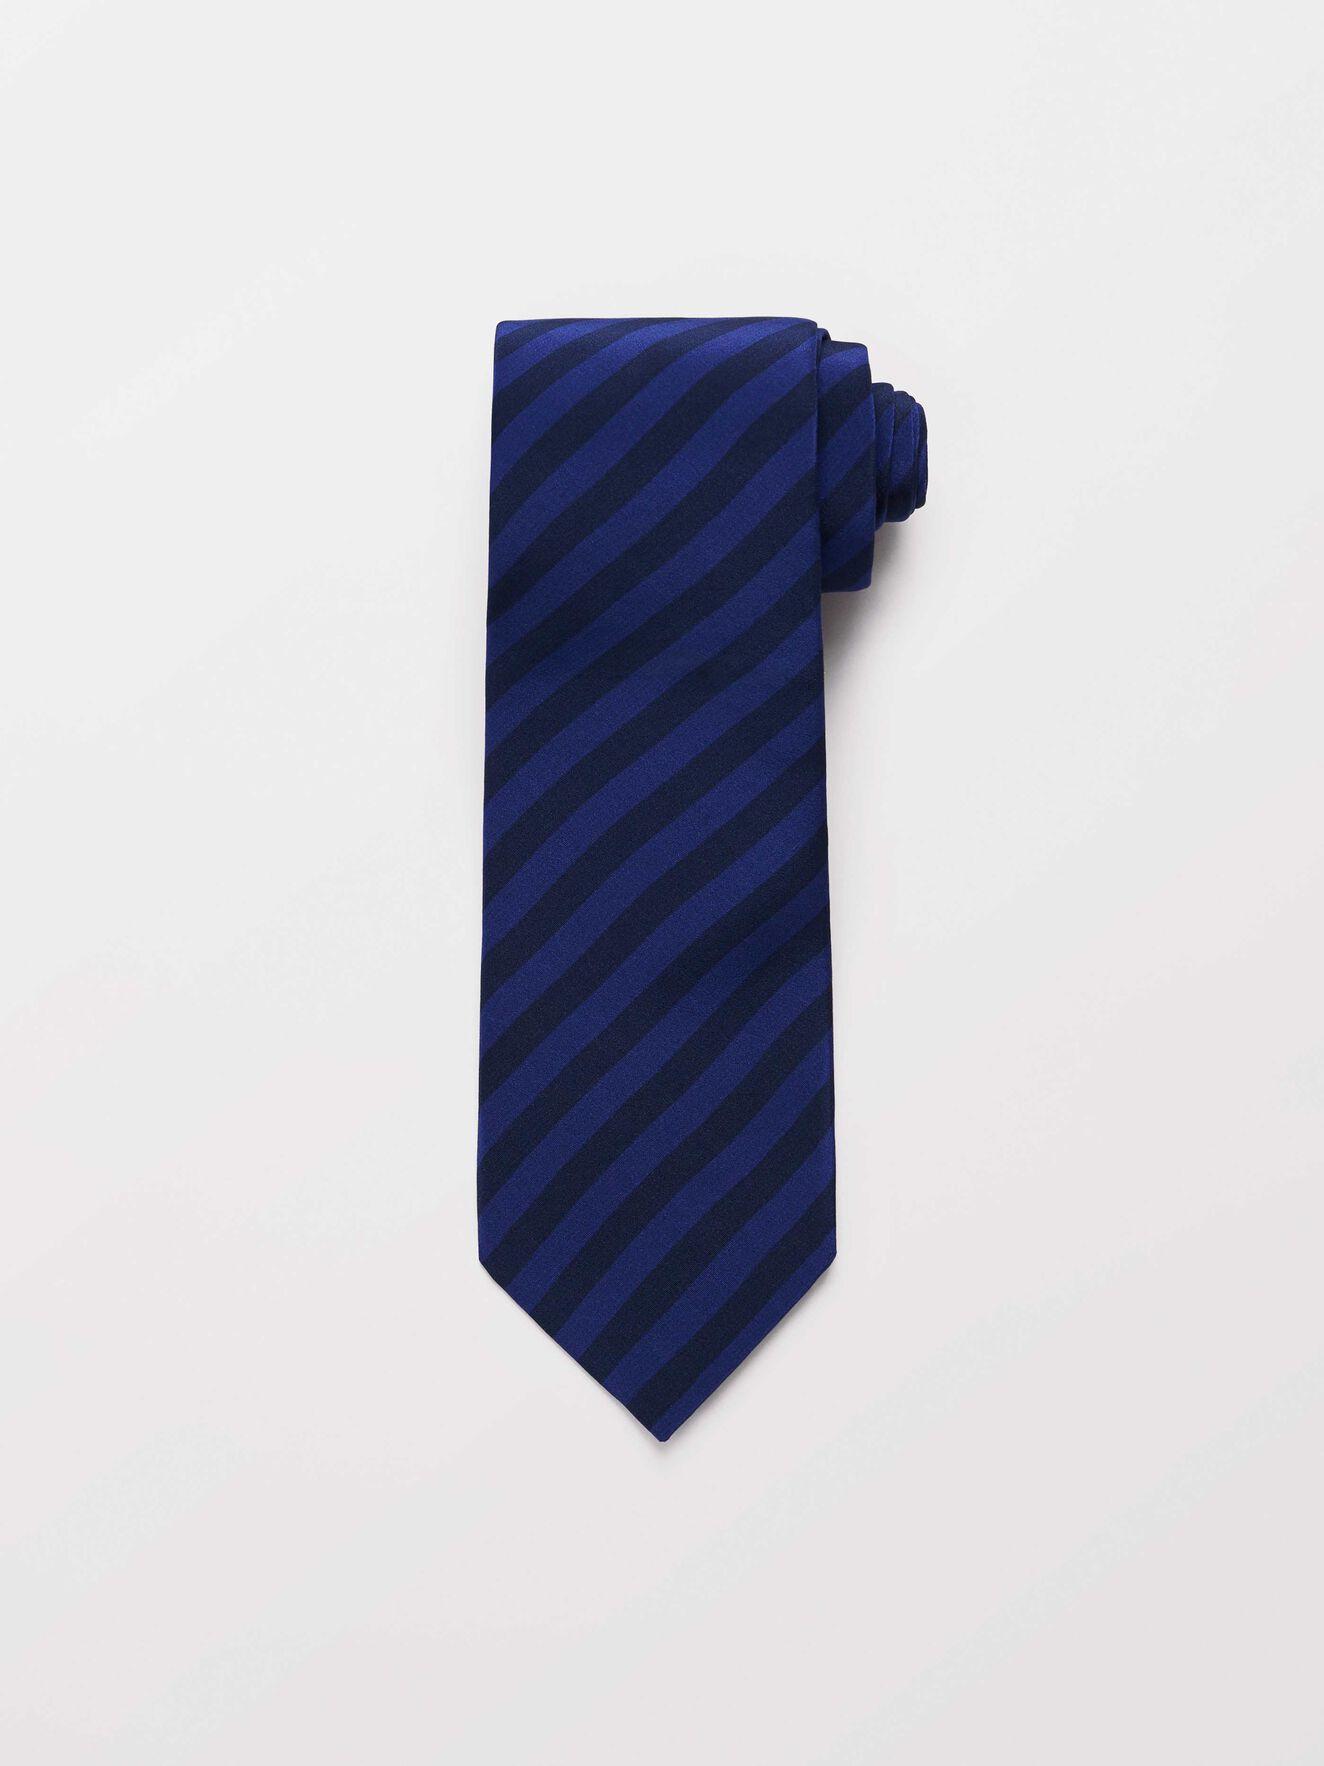 Theca Tie in Deep Ocean Blue from Tiger of Sweden